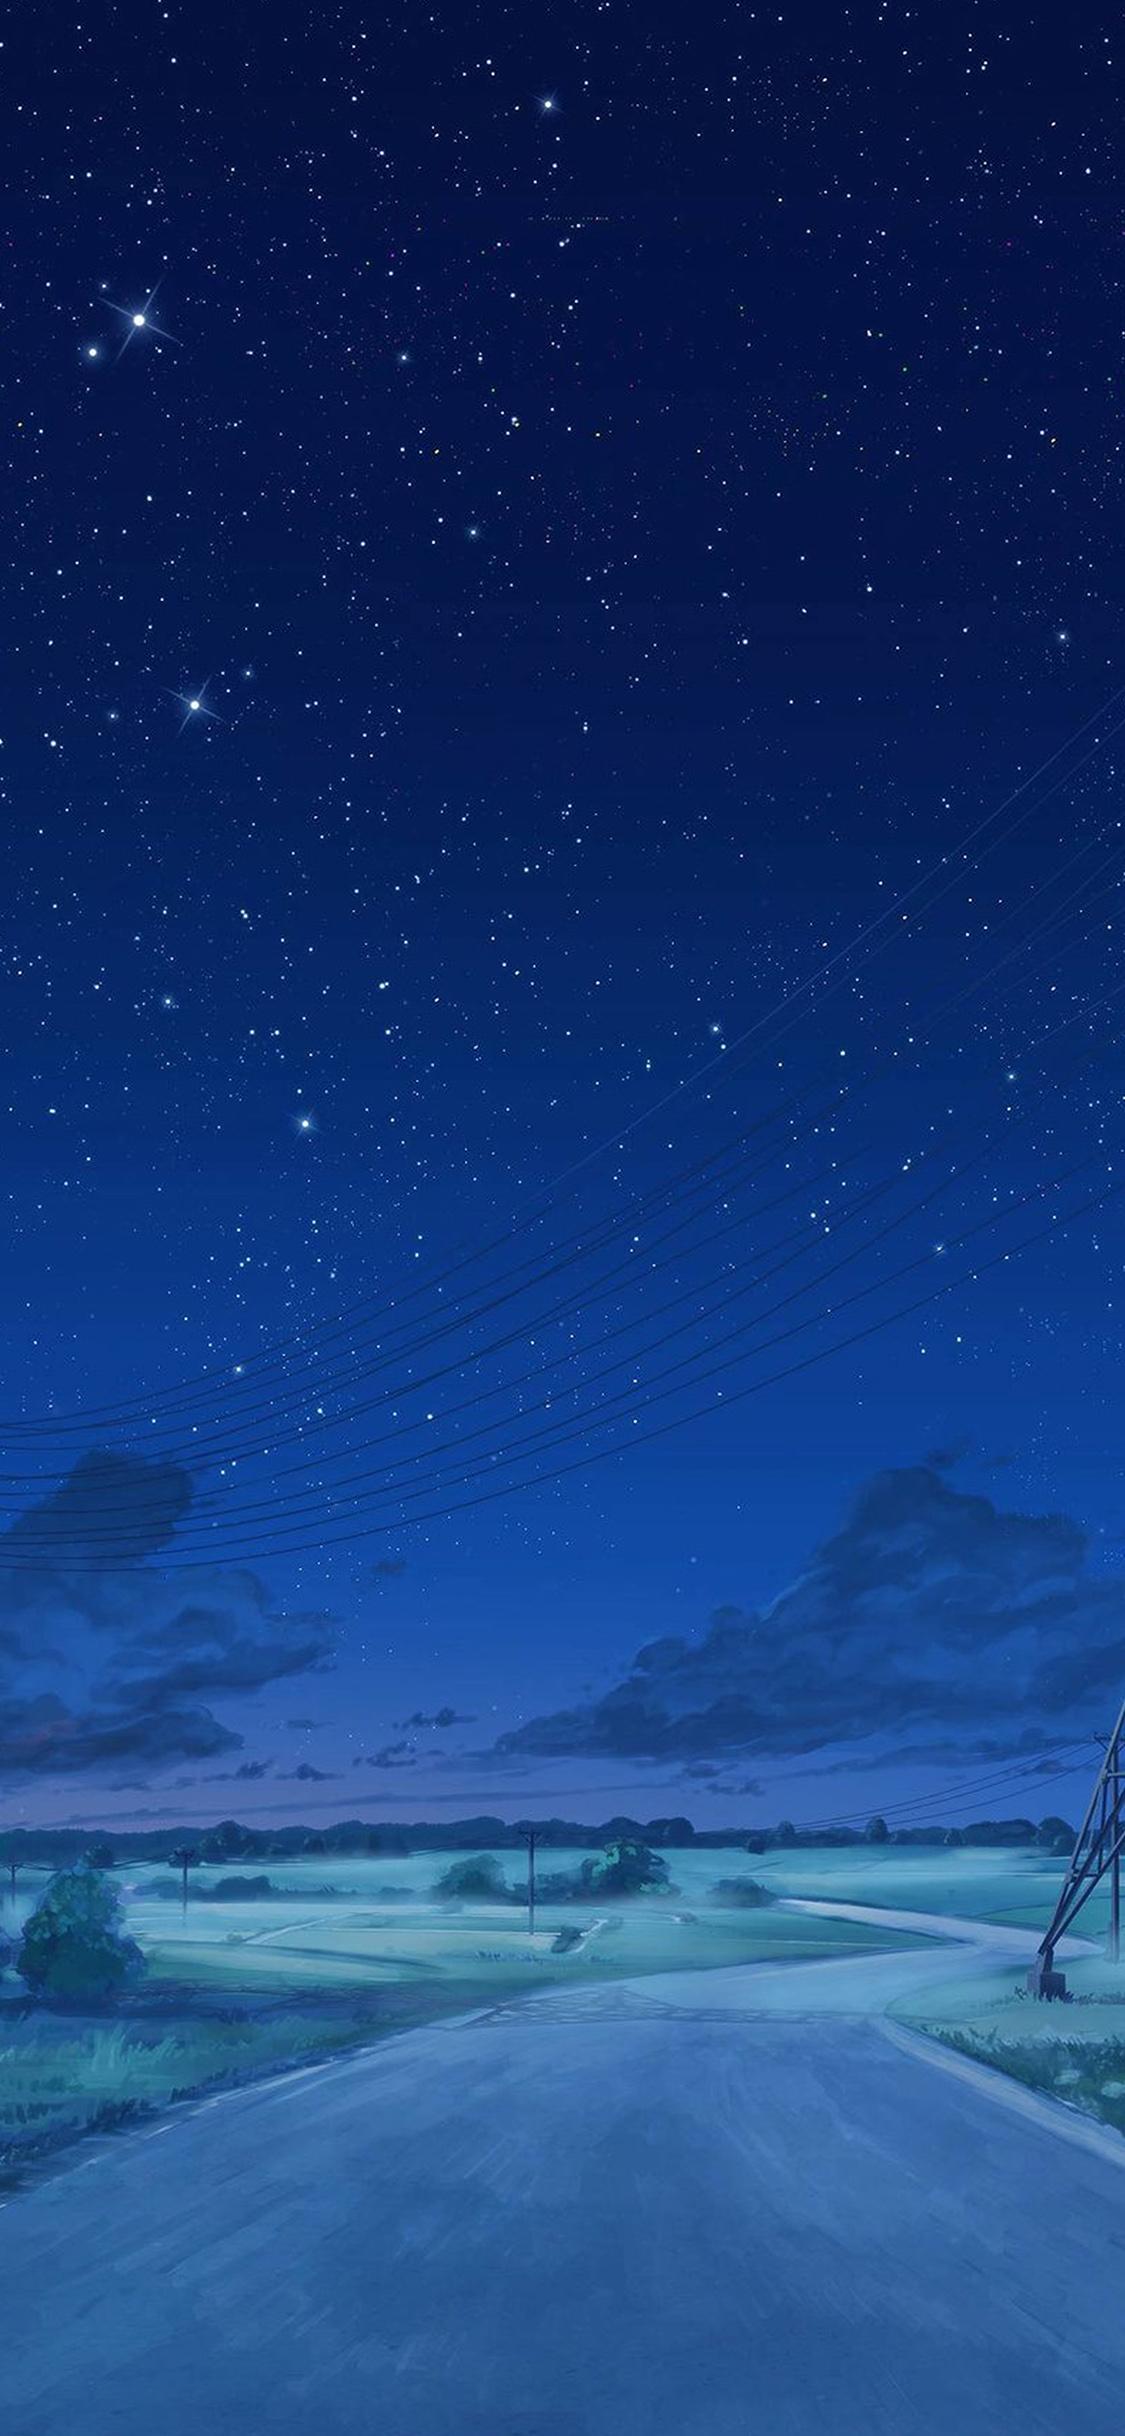 Aw15 Arseniy Chebynkin Night Sky Star Blue Illustration Art Anime